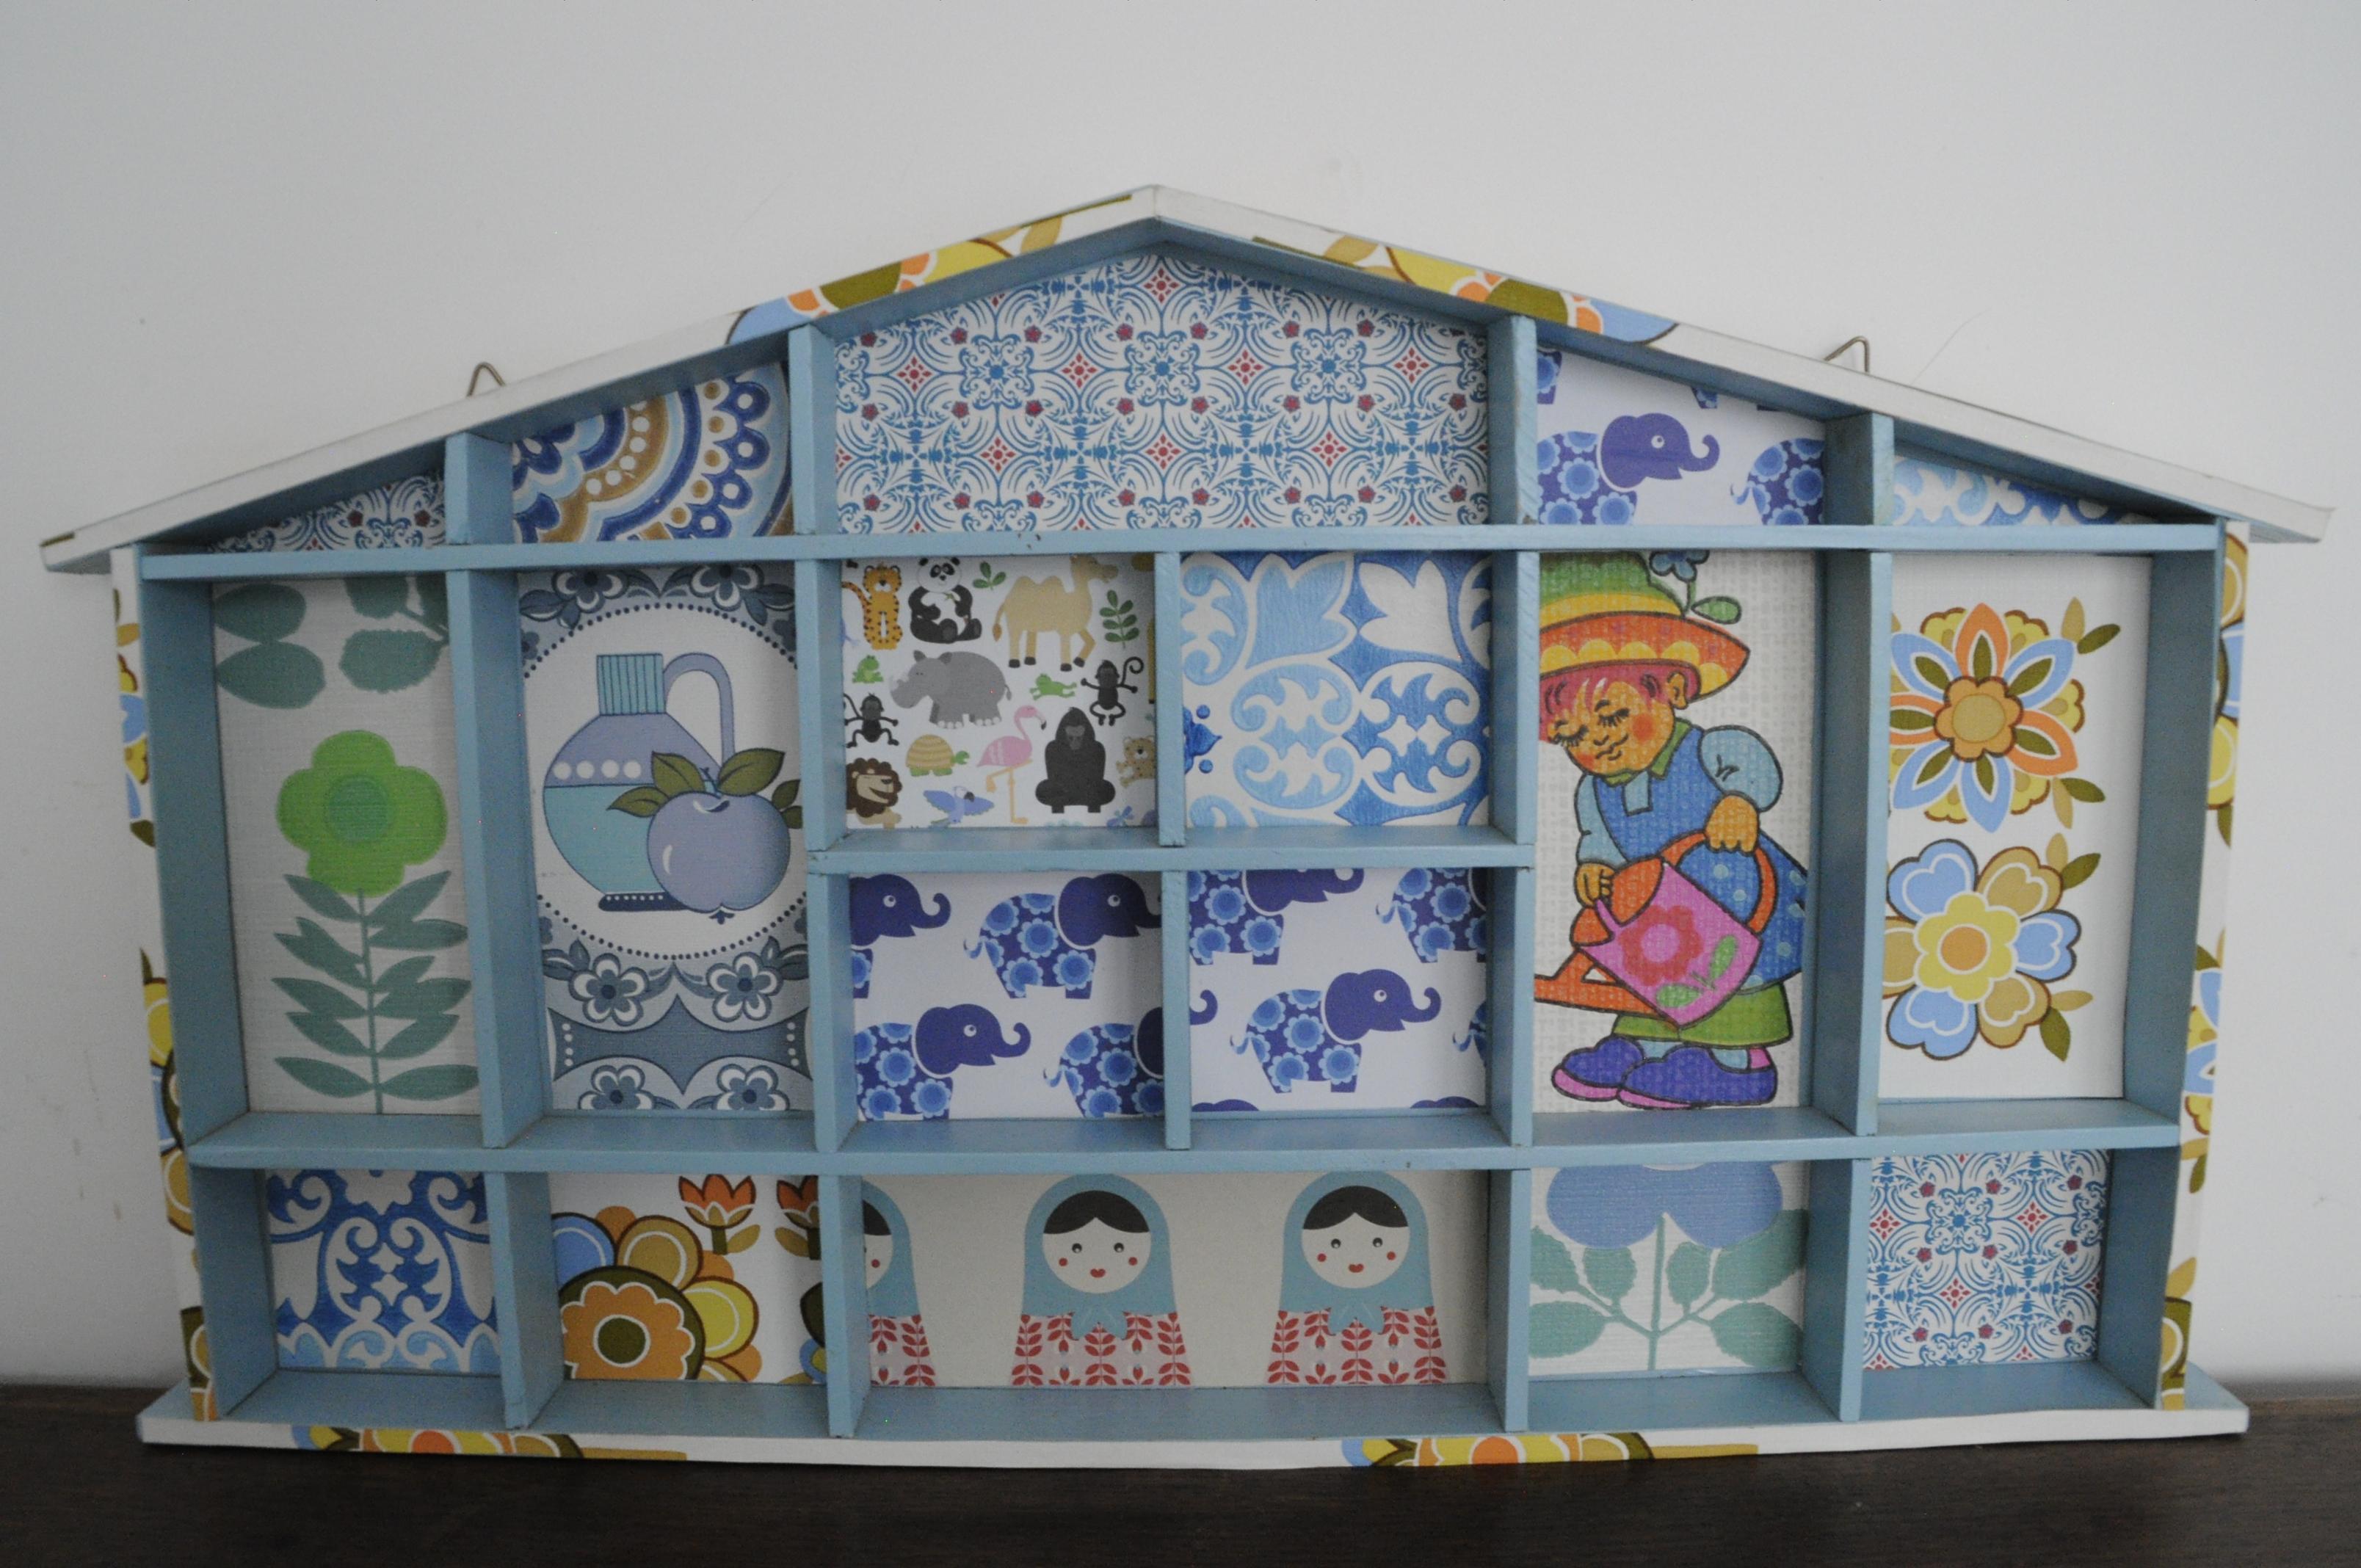 Etag re miniatures d coration murale enfant enfants chambre d enfant par bahialafee - Etagere murale fait maison ...